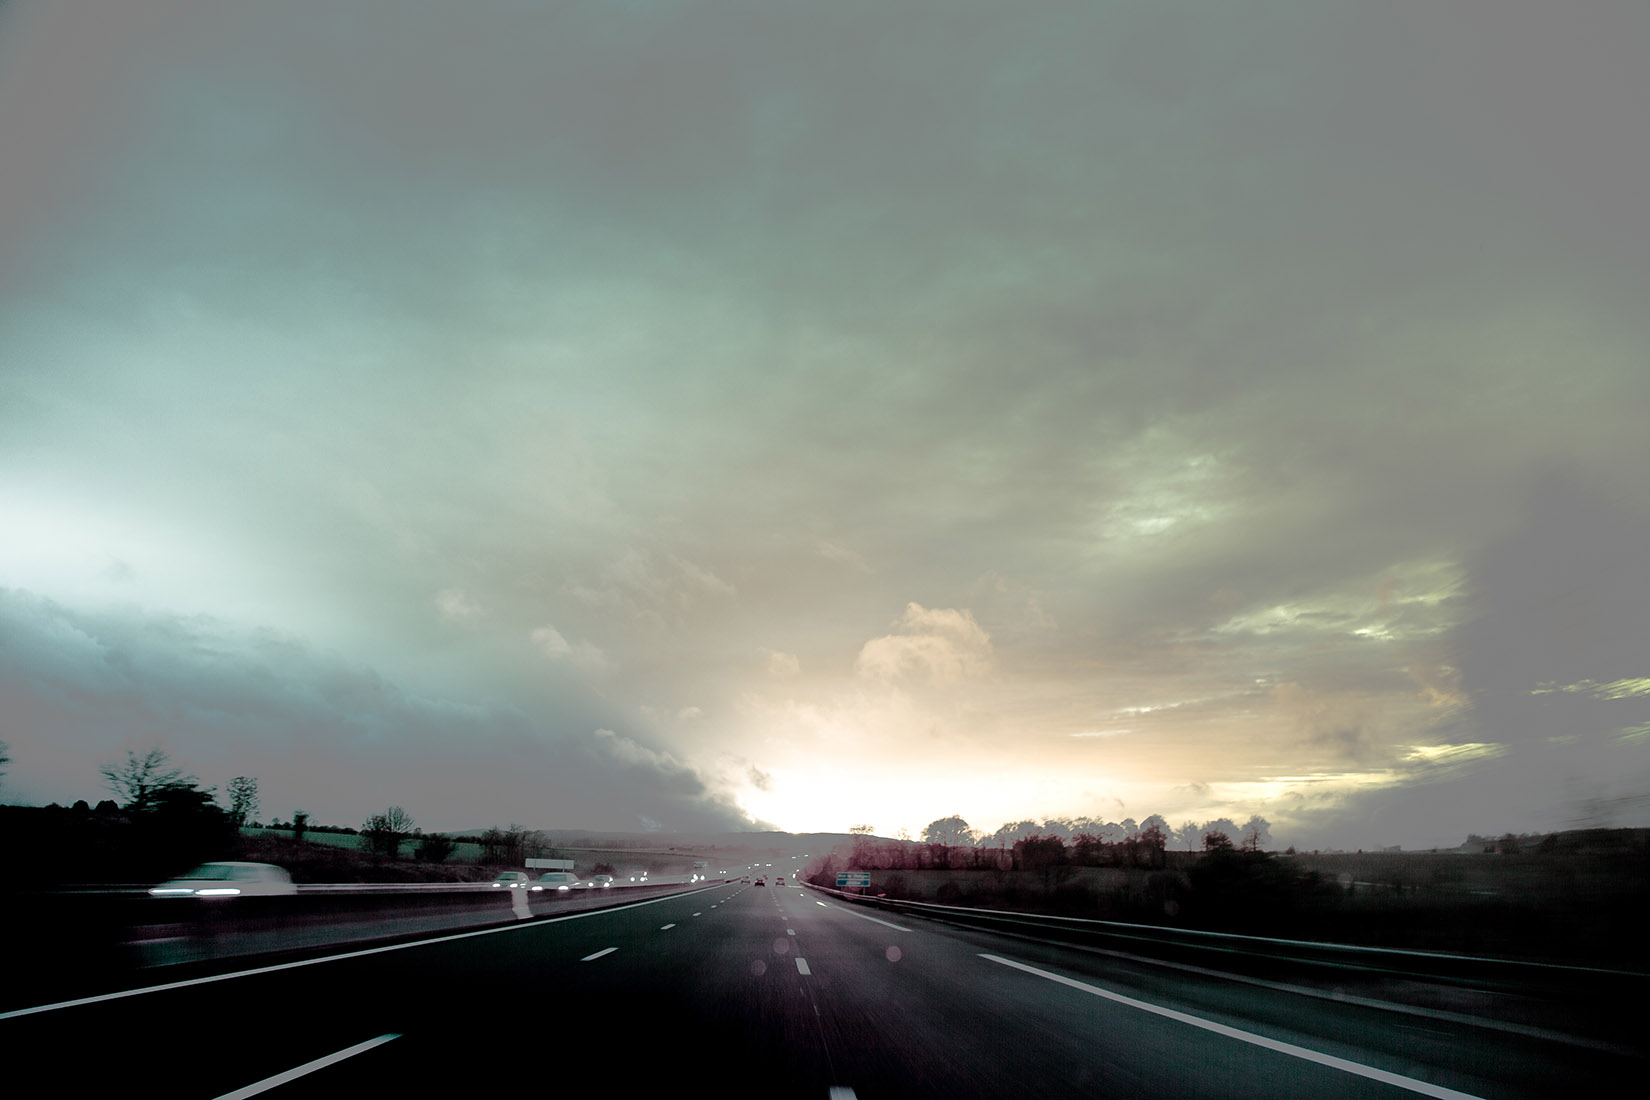 Sur la route. Lumières étranges dans le ciel. Recherche sur le gris.